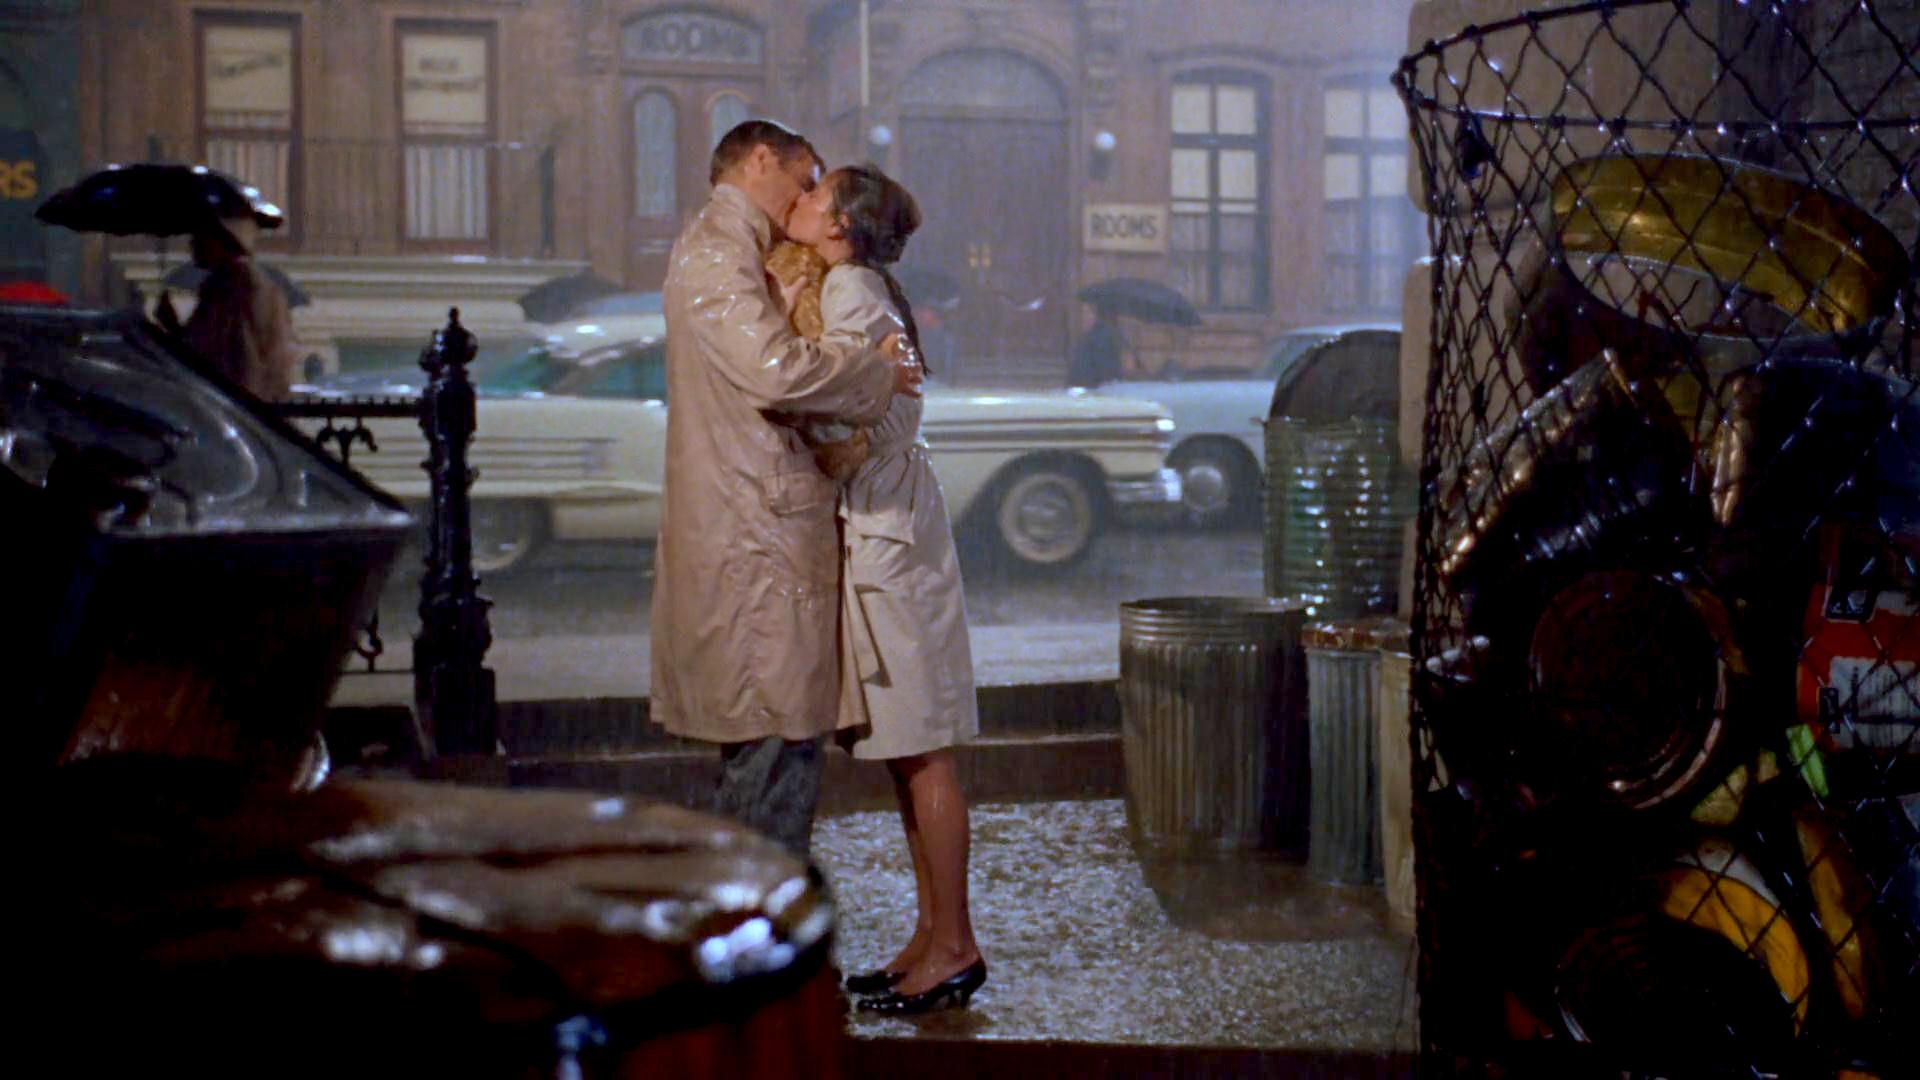 Kiss between Audrey Hepburn and George Peppard...